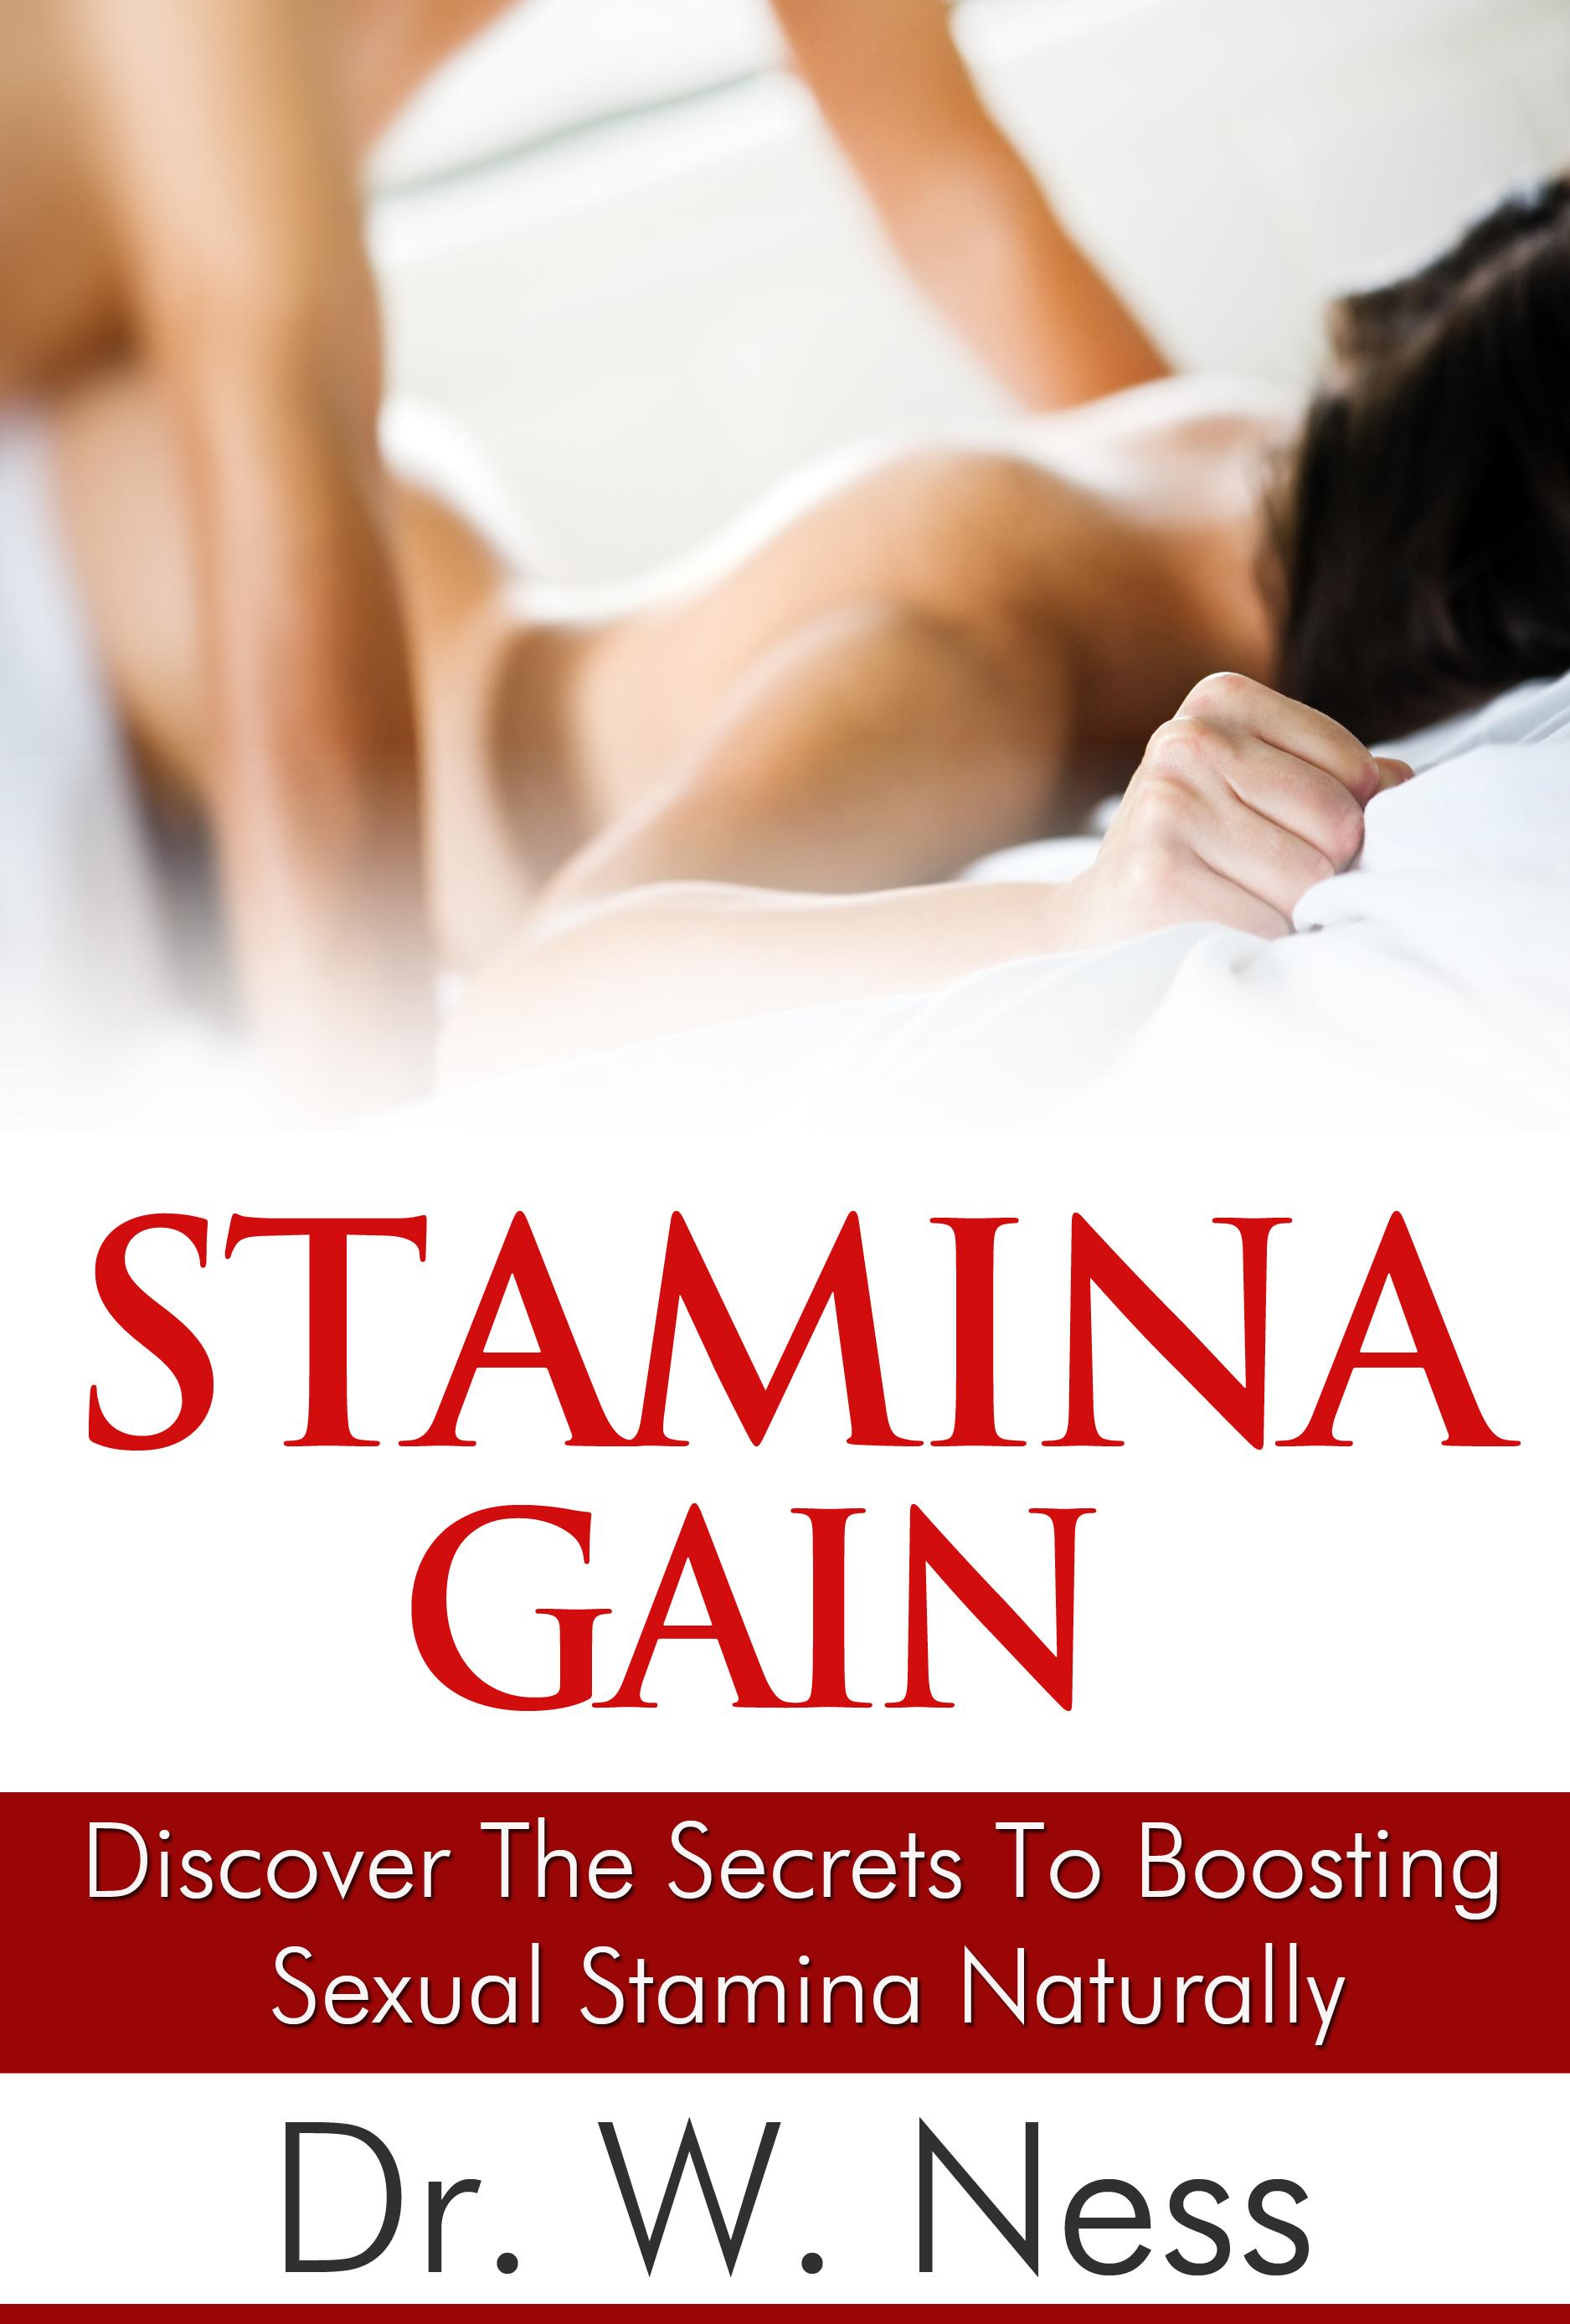 how do you gain stamina